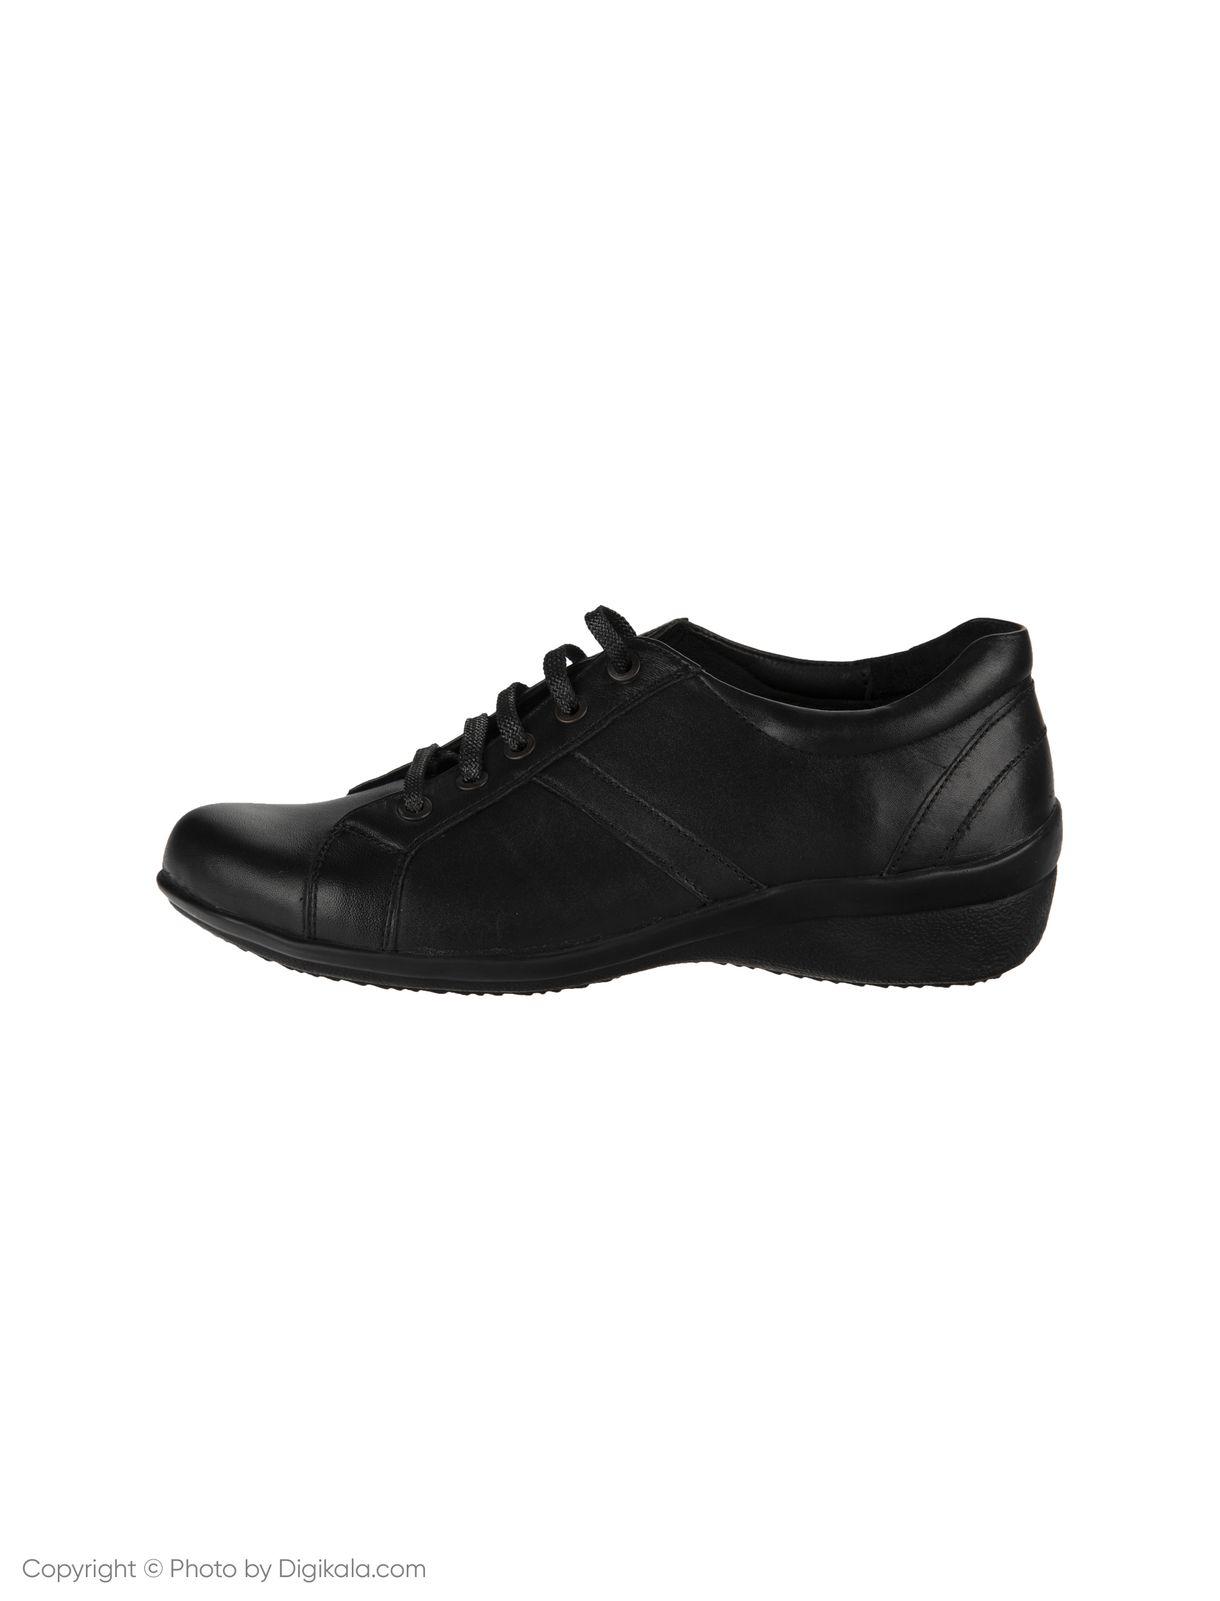 کفش زنانه دلفارد مدل DL5096A500-101  Delphard DL5096A500-101 Shoes For Women